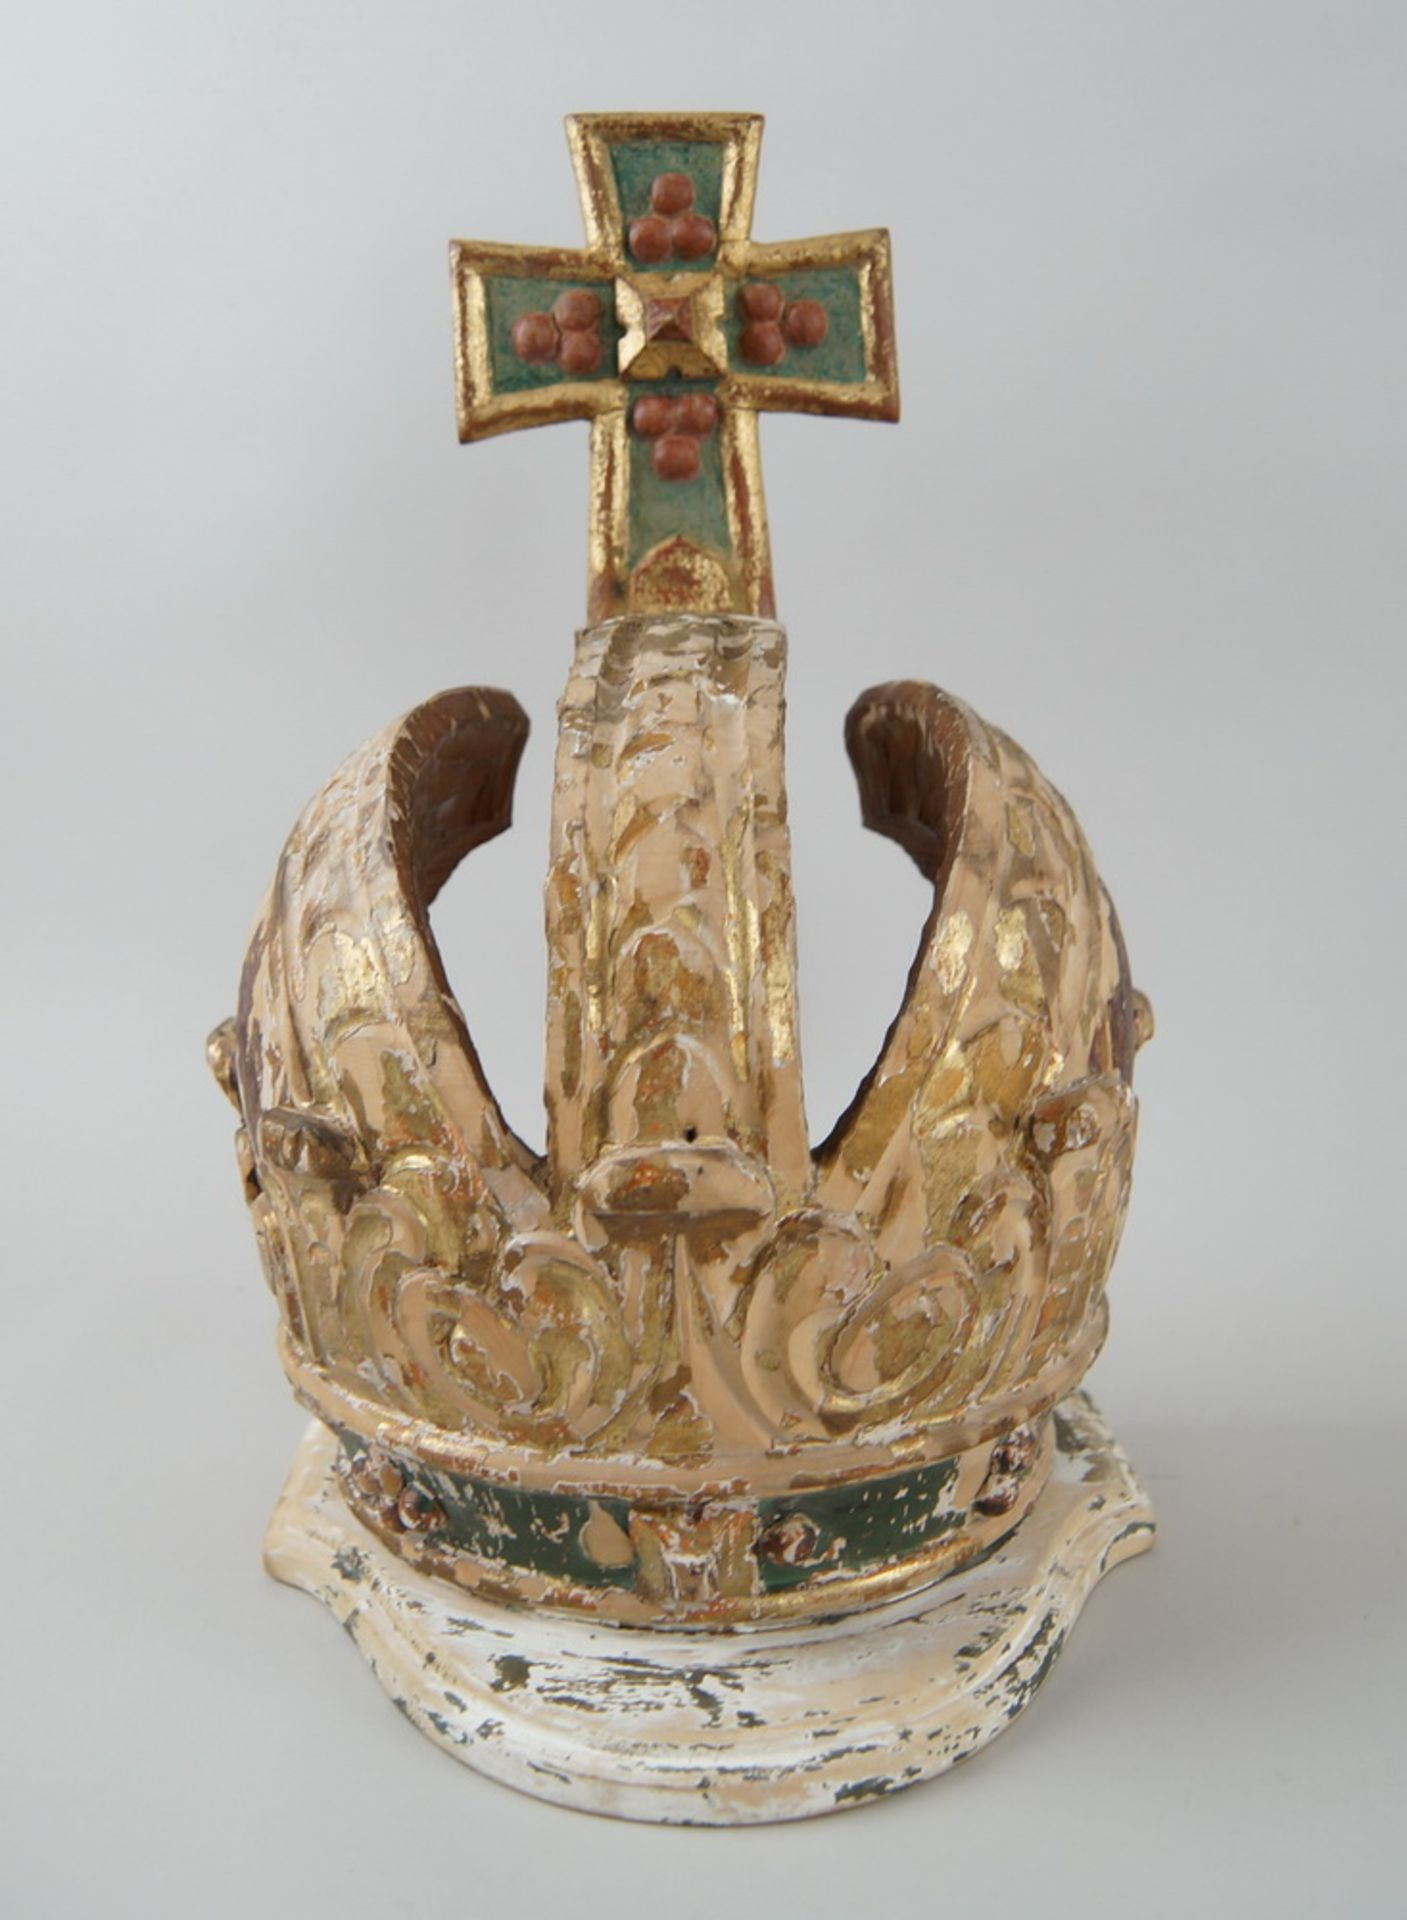 Prunkvolle Krone, Holz geschnitzt und gefasst/vergoldet, Fassung altersbedingt beschädigt,18. JH, - Bild 3 aus 6